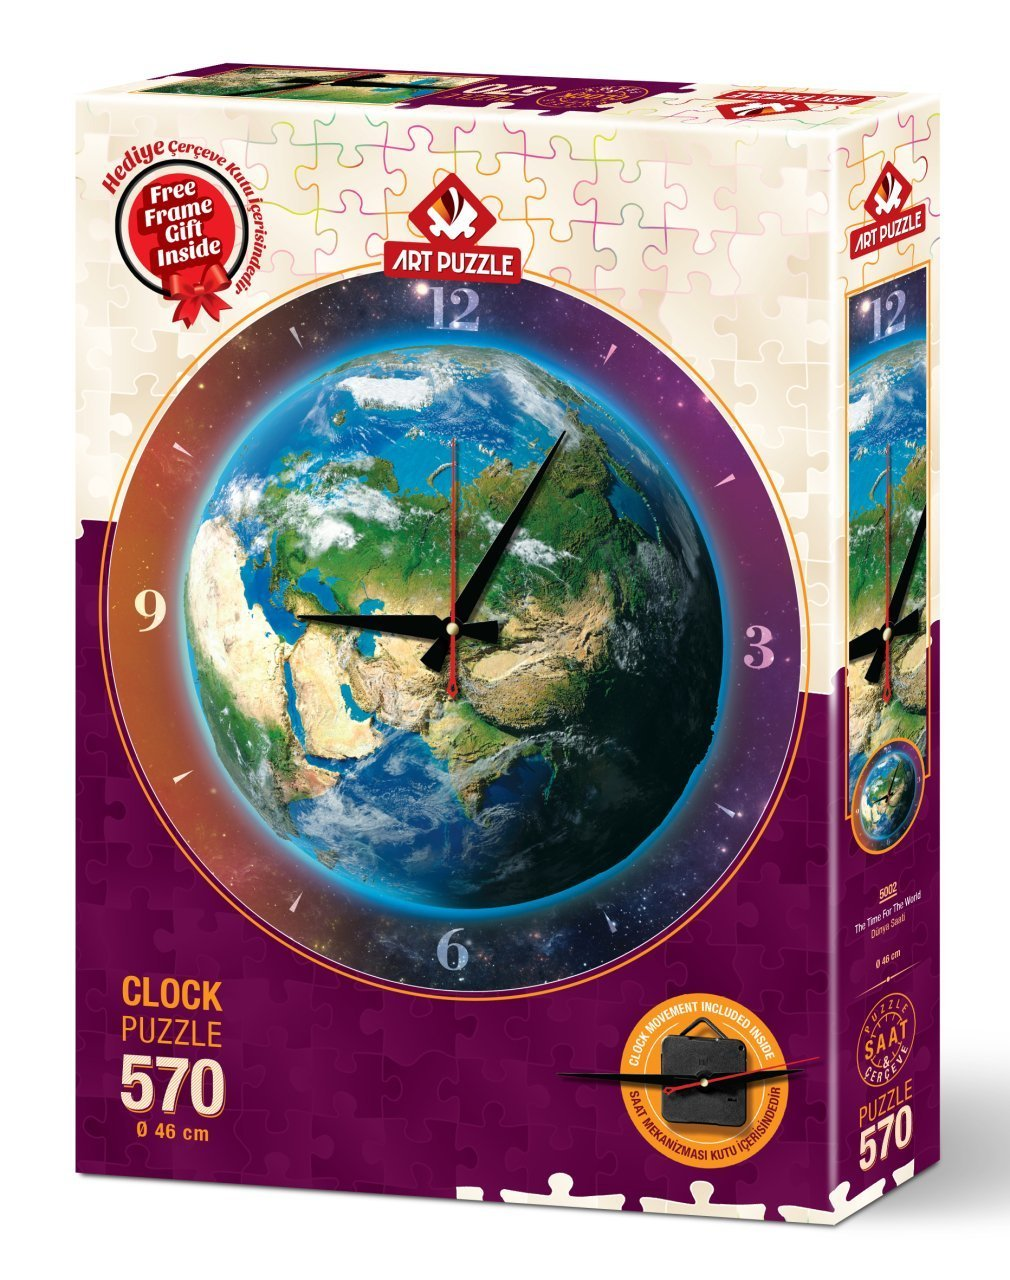 Puzzle Reloj Art Puzzle La Hora en el Mundo 570 Piezas